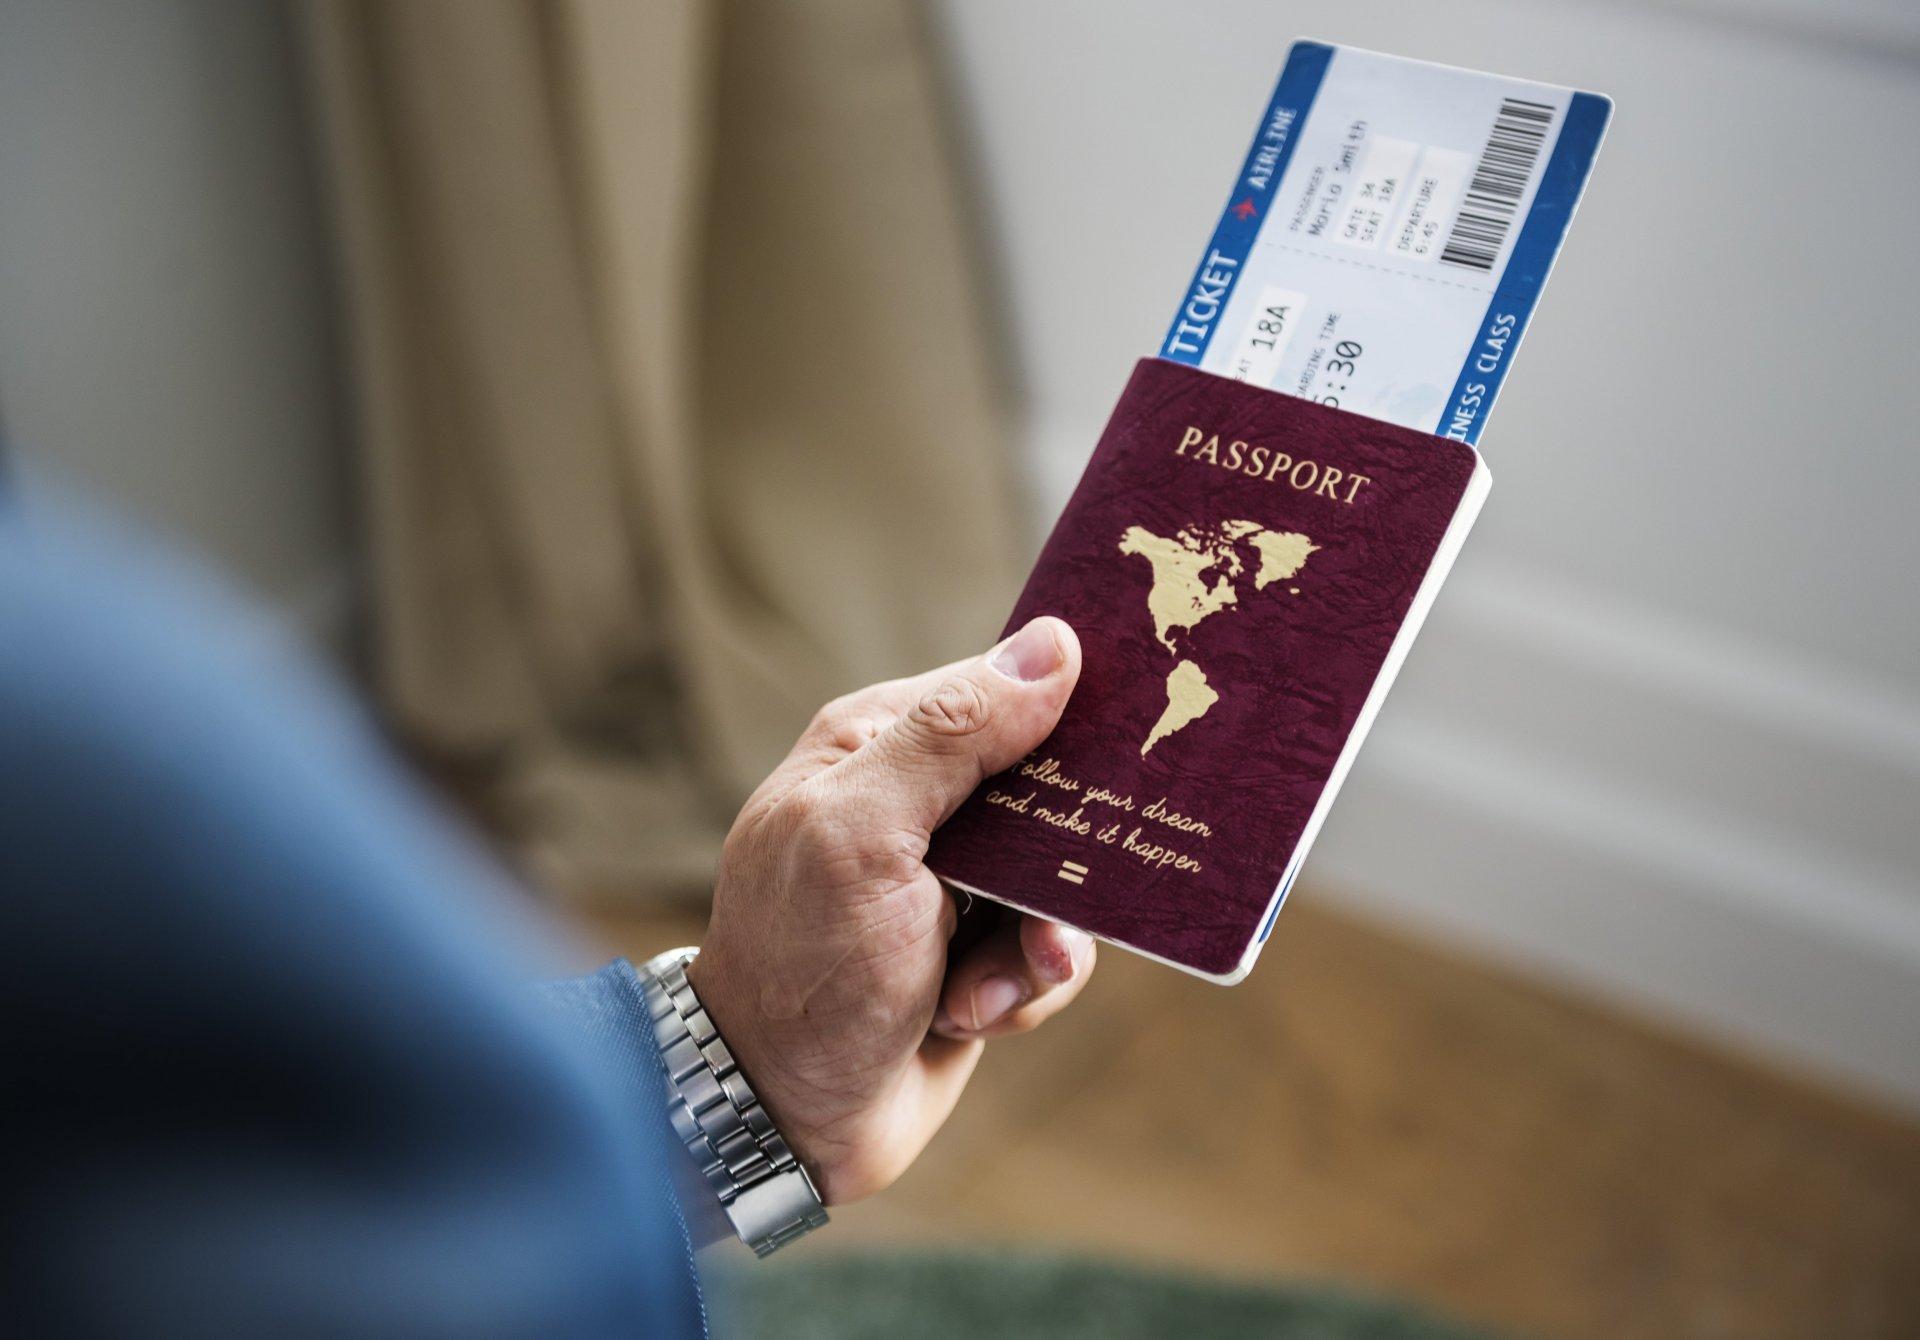 працевлаштування за кордоном